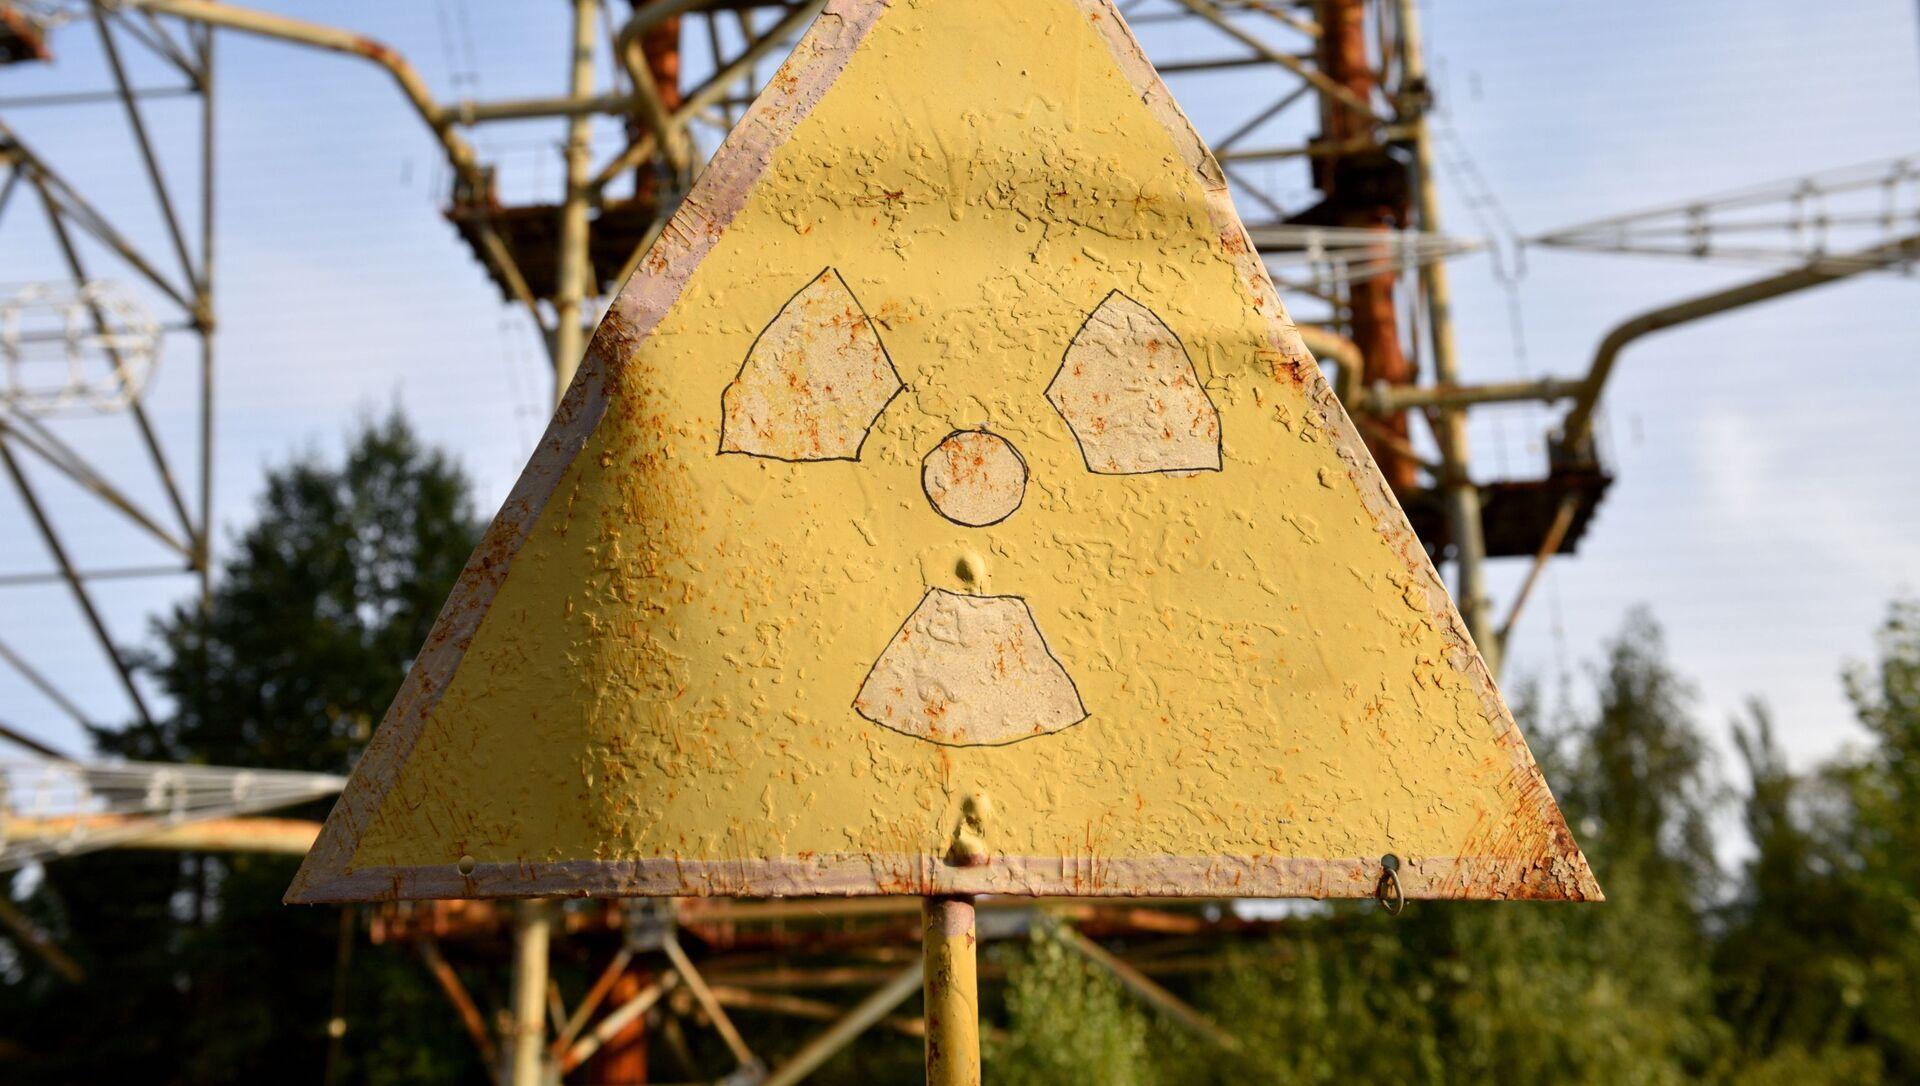 Bảng hiệu cảnh báo bức xạ trong khu vực loại trừ của nhà máy điện hạt nhân Chernobyl. - Sputnik Việt Nam, 1920, 26.04.2021